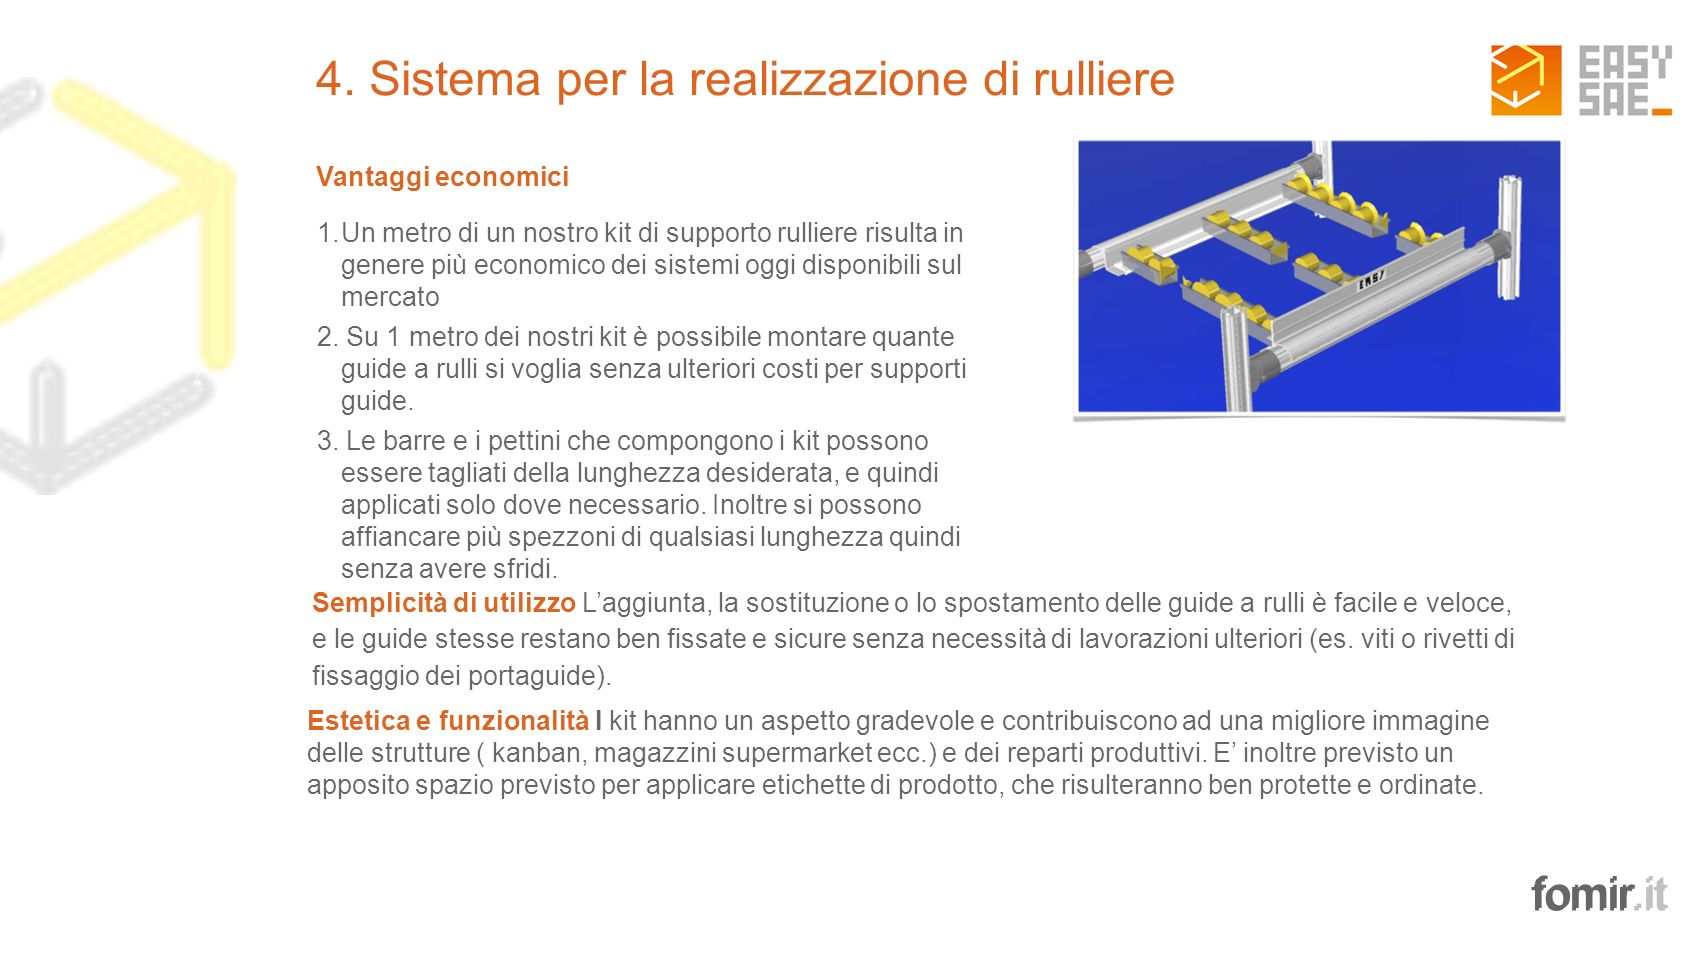 4. Sistema per la realizzazione di rulliere